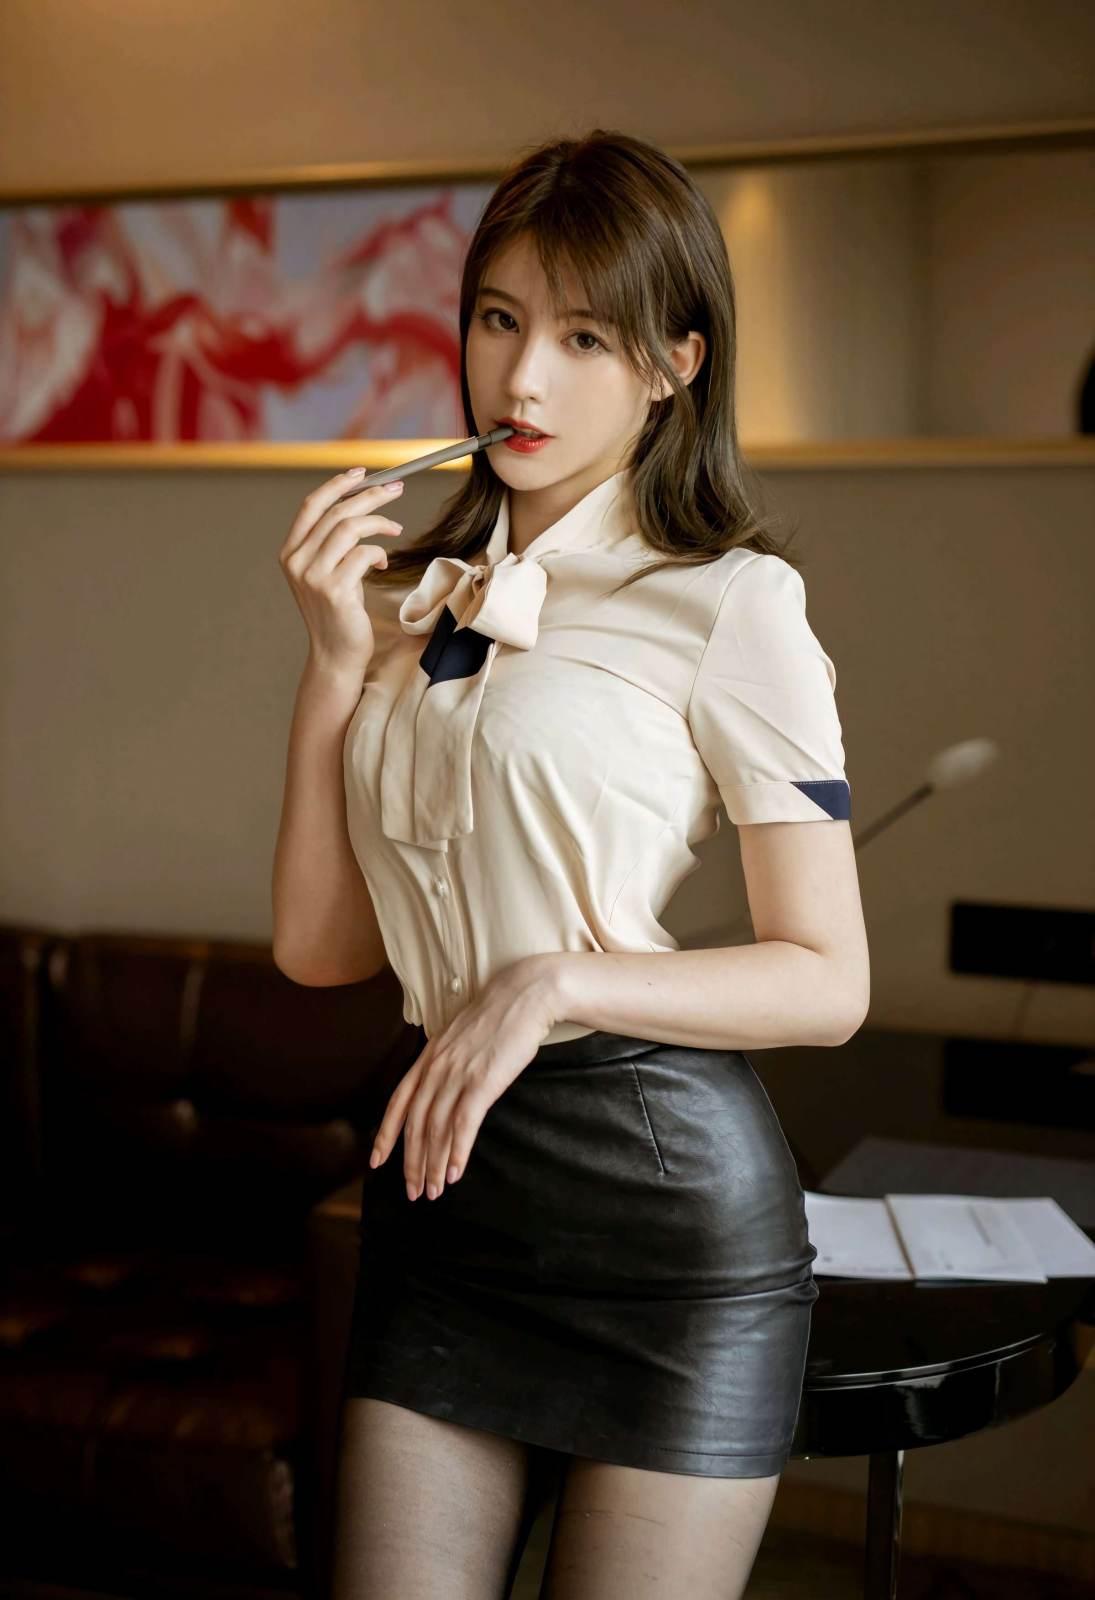 第209期明艳动人优优(高跟,黑丝,丝袜,连体丝袜)_图片3